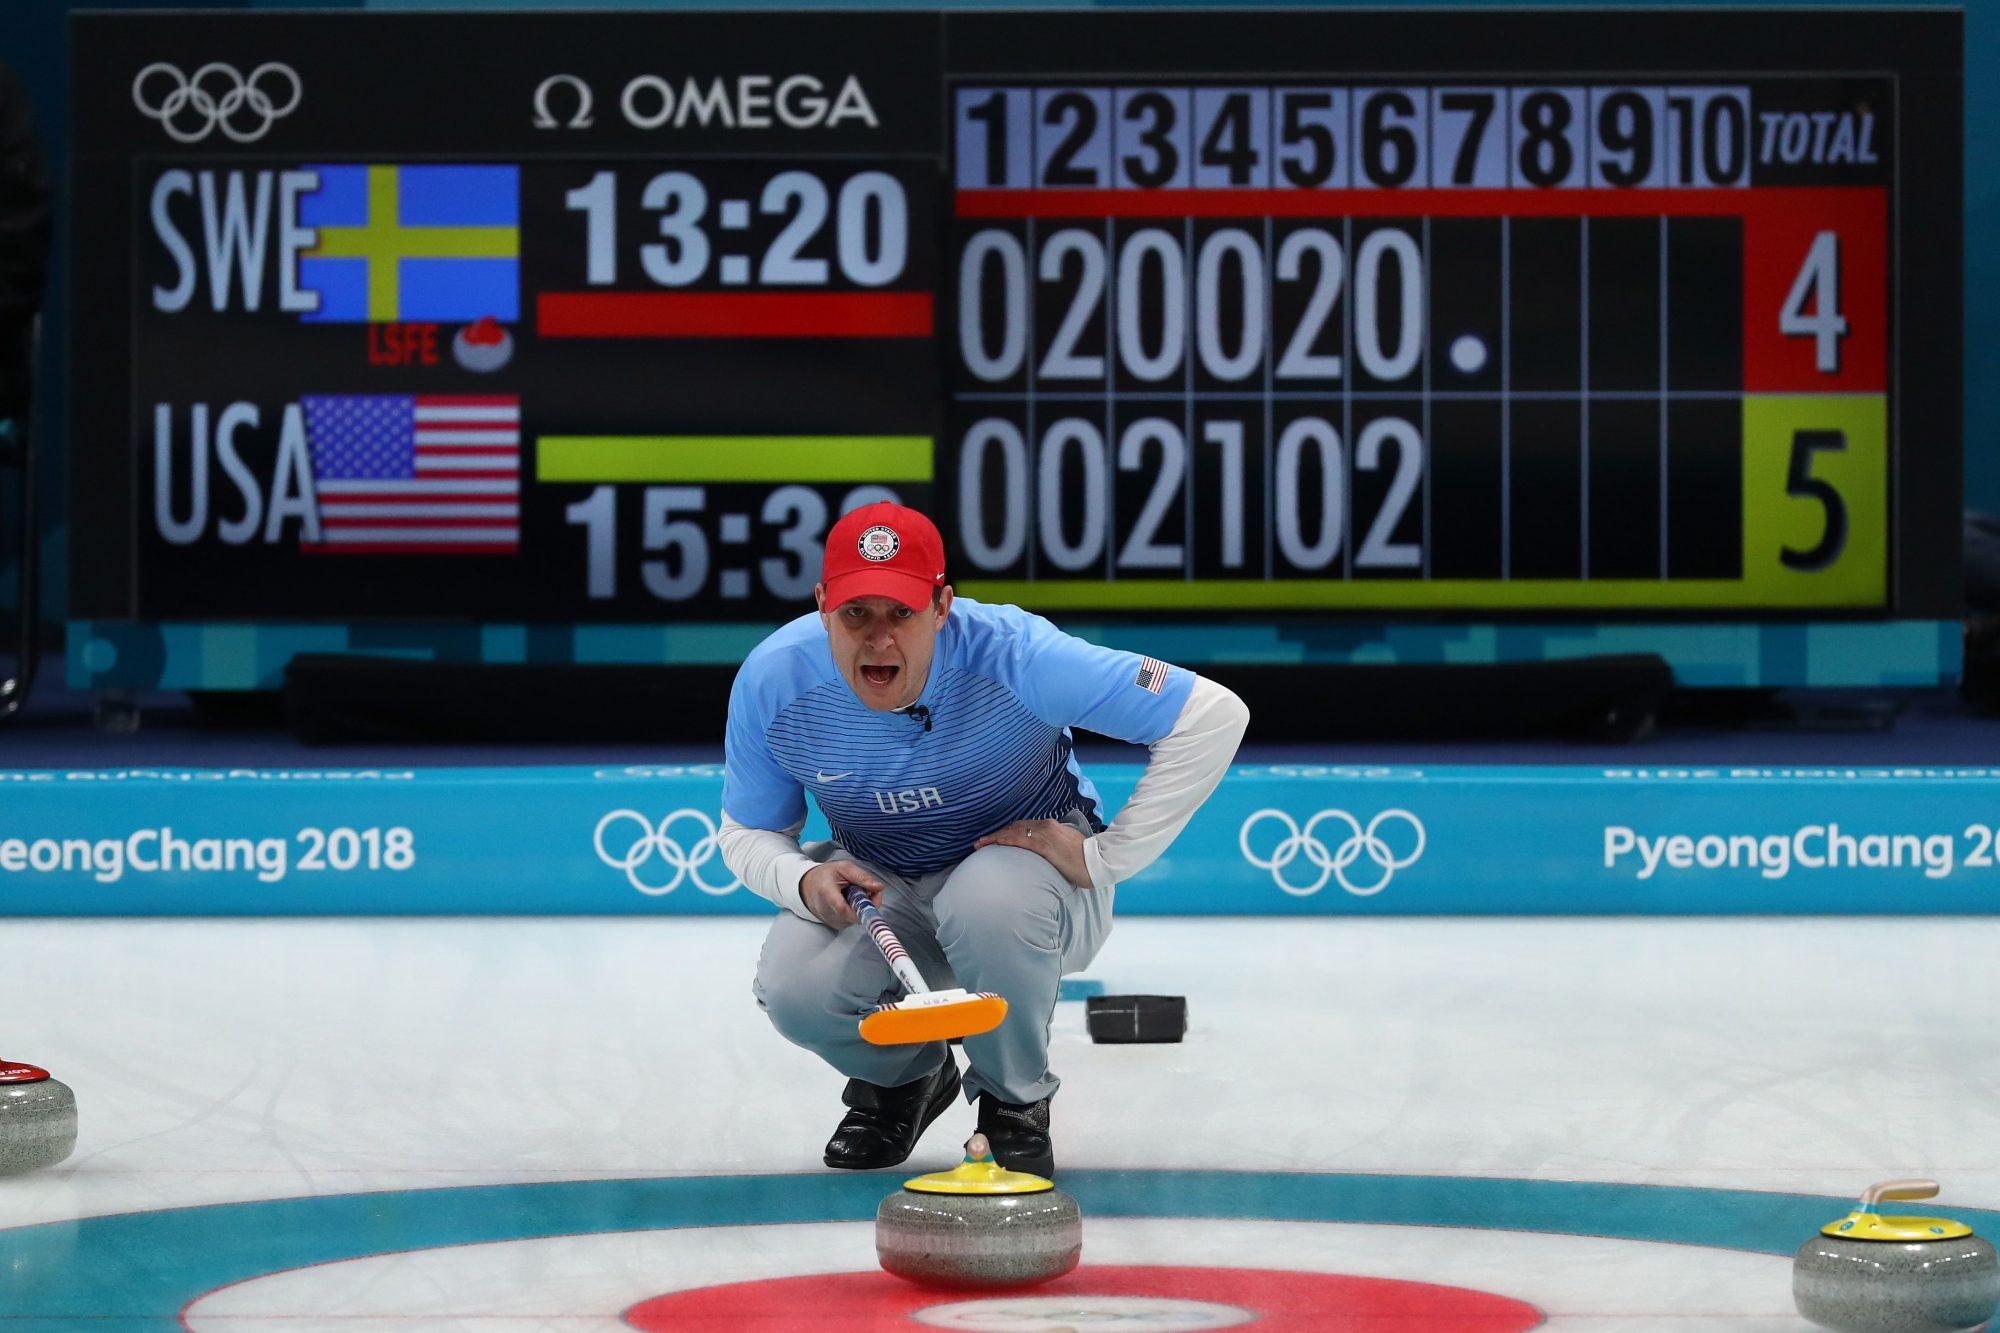 Photo of Team USA Men's Curling Athlete John Shuster